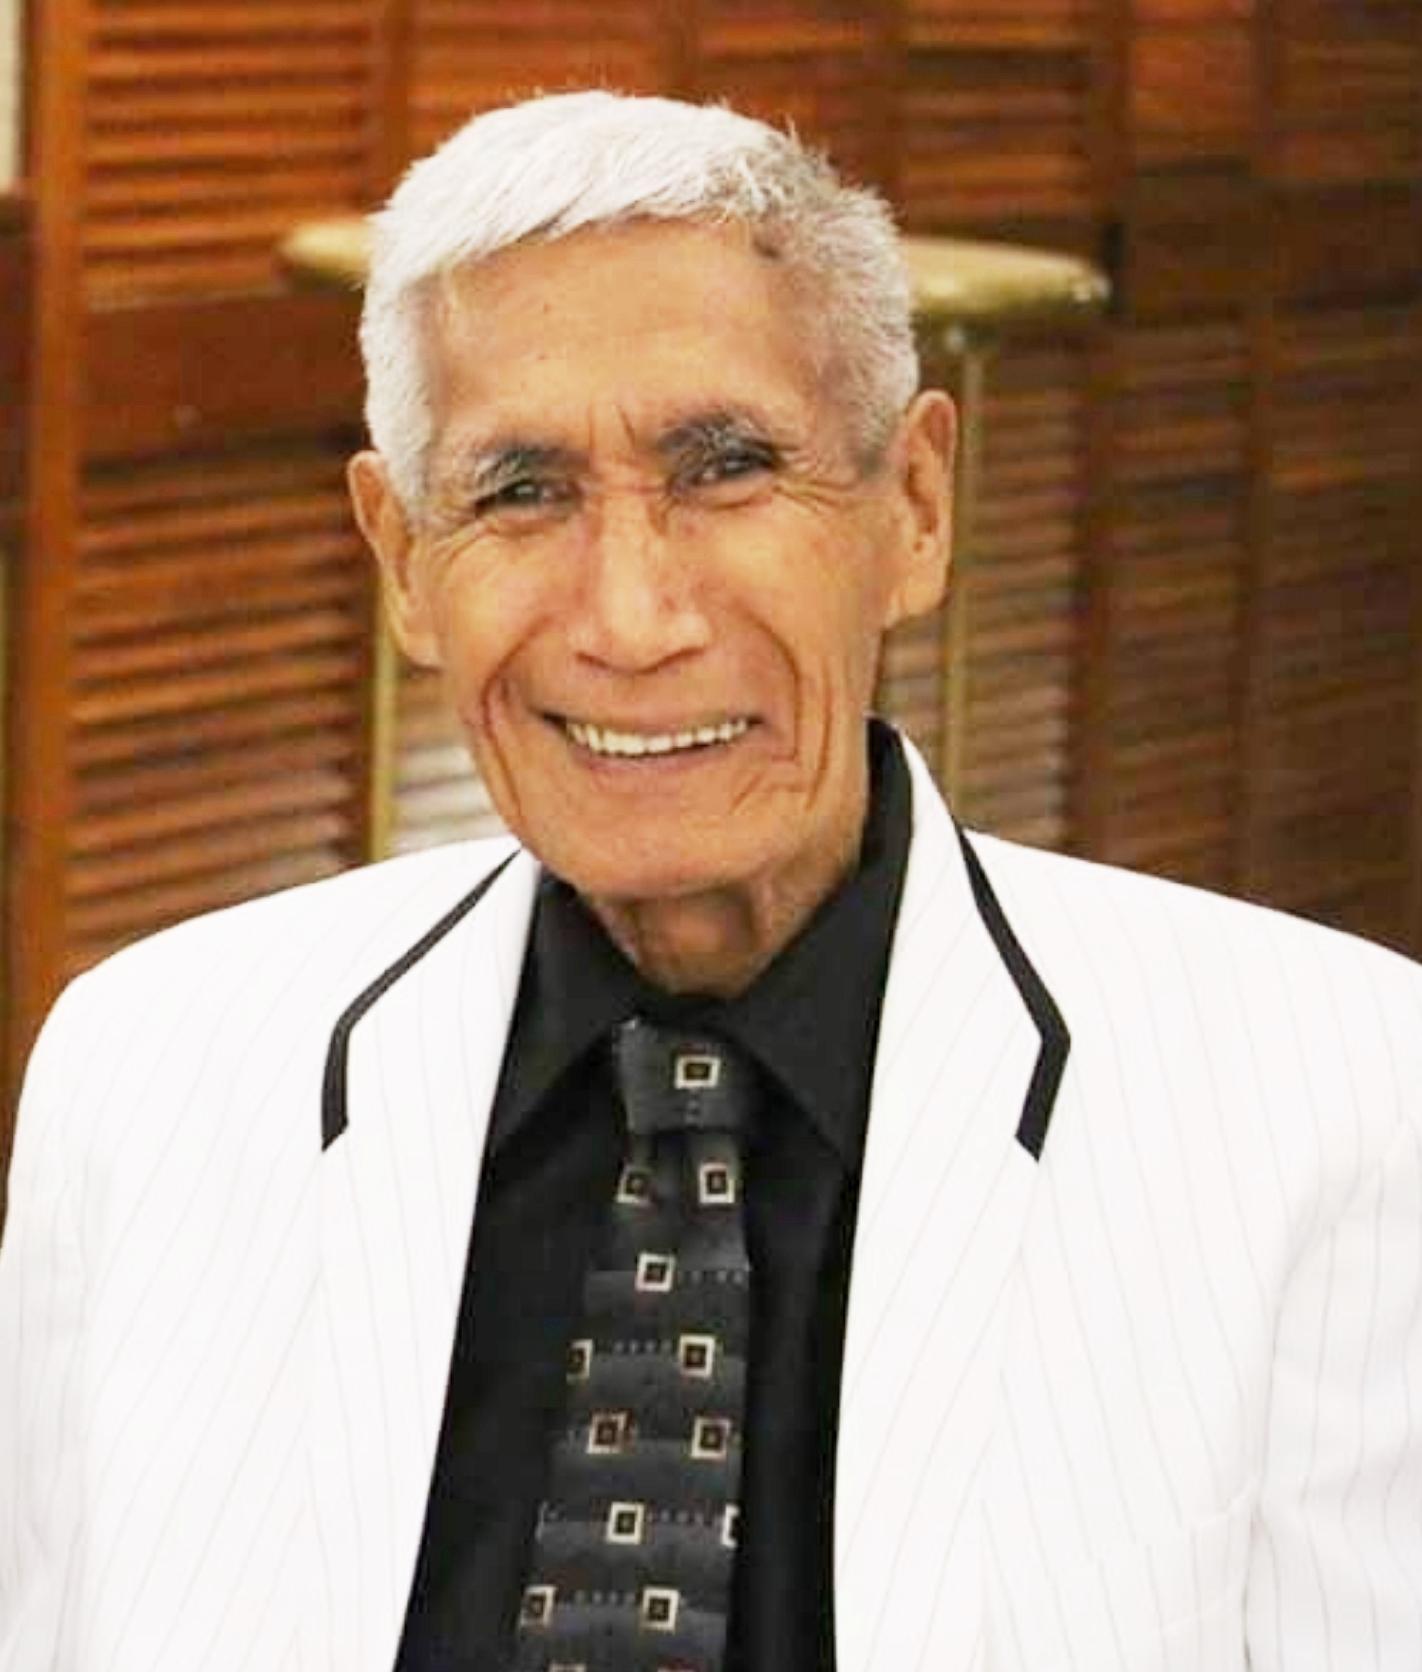 SAMUEL MAPU KA'AHA'AINA, JR.